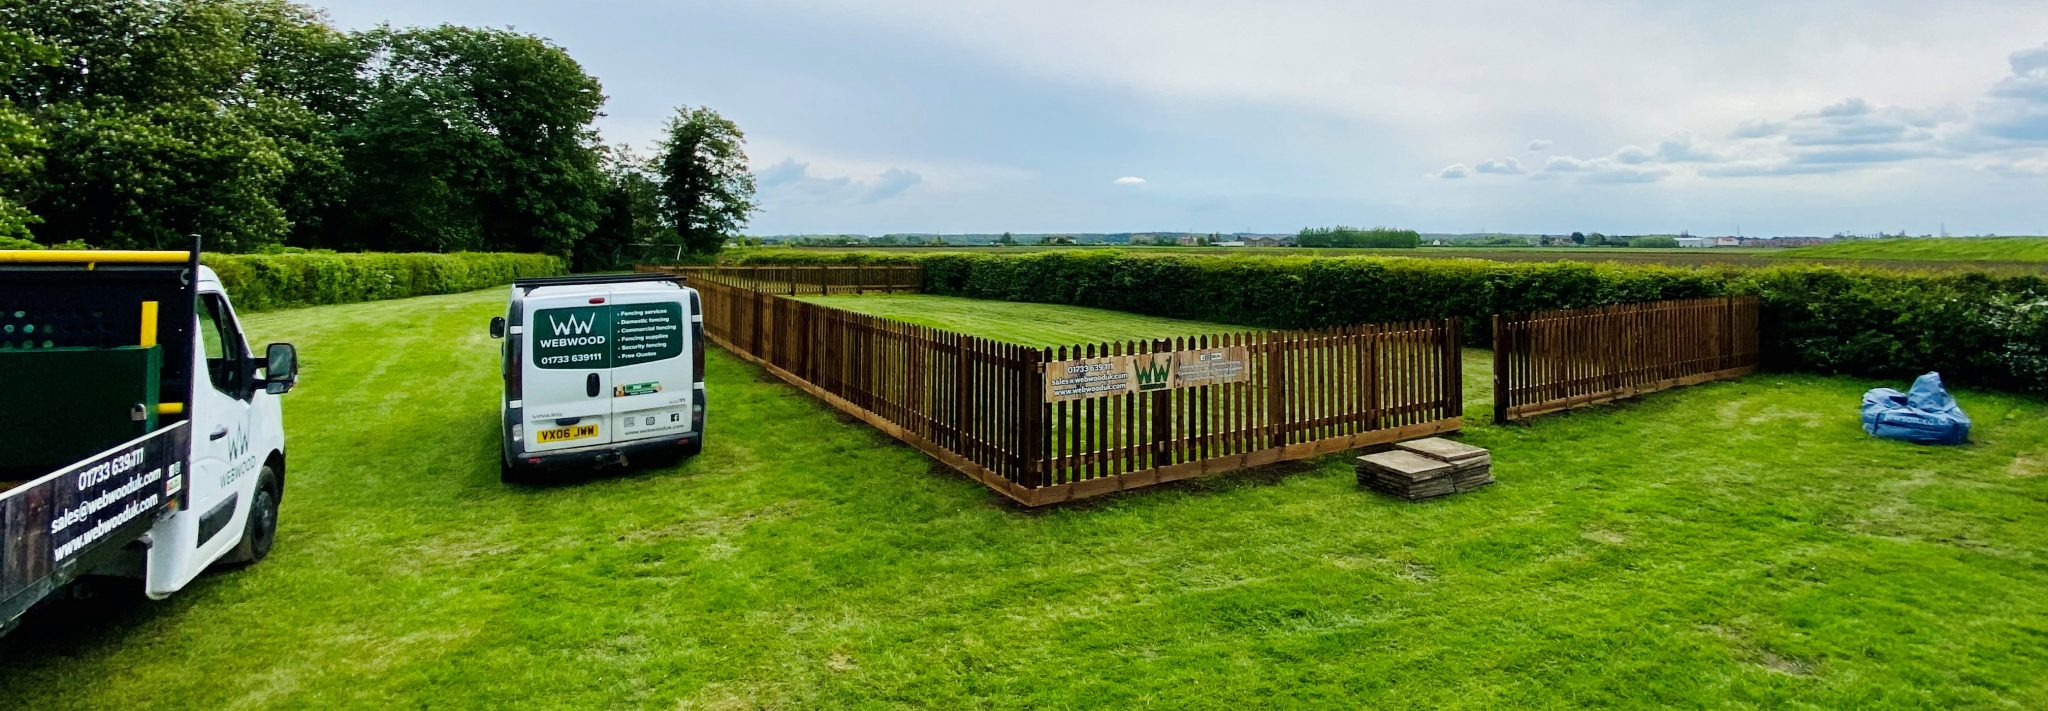 picket fencing enclosure for pub 4